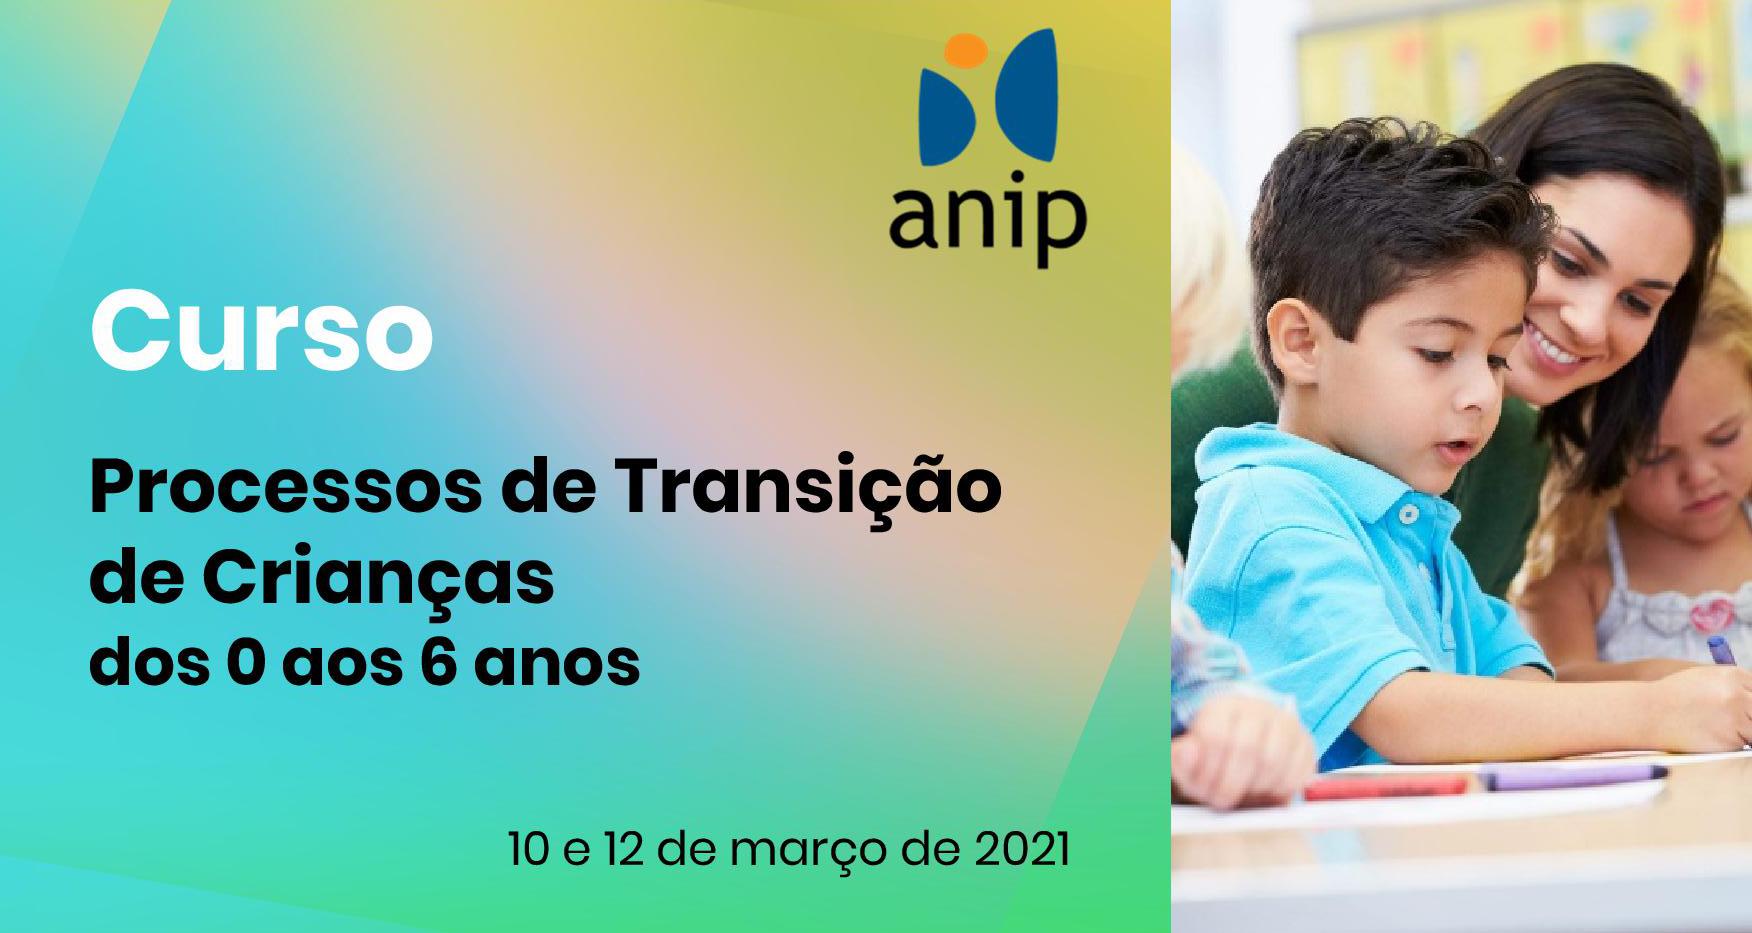 Processos Transição de Crianças (online)